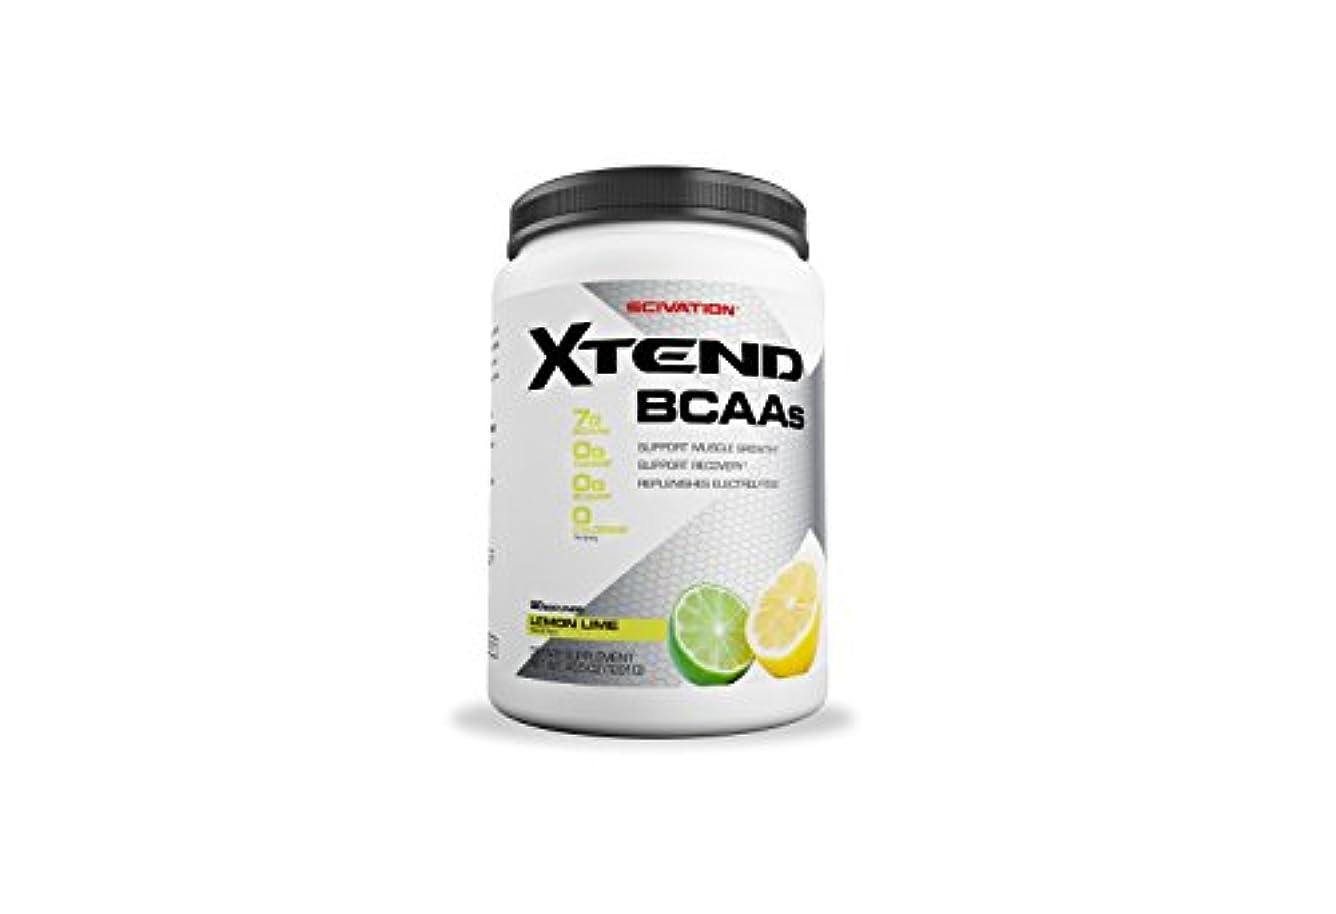 ユーモラスどう?居眠りする【海外直送品】Scivation Xtend BCAA 90杯分 (レモンライム)